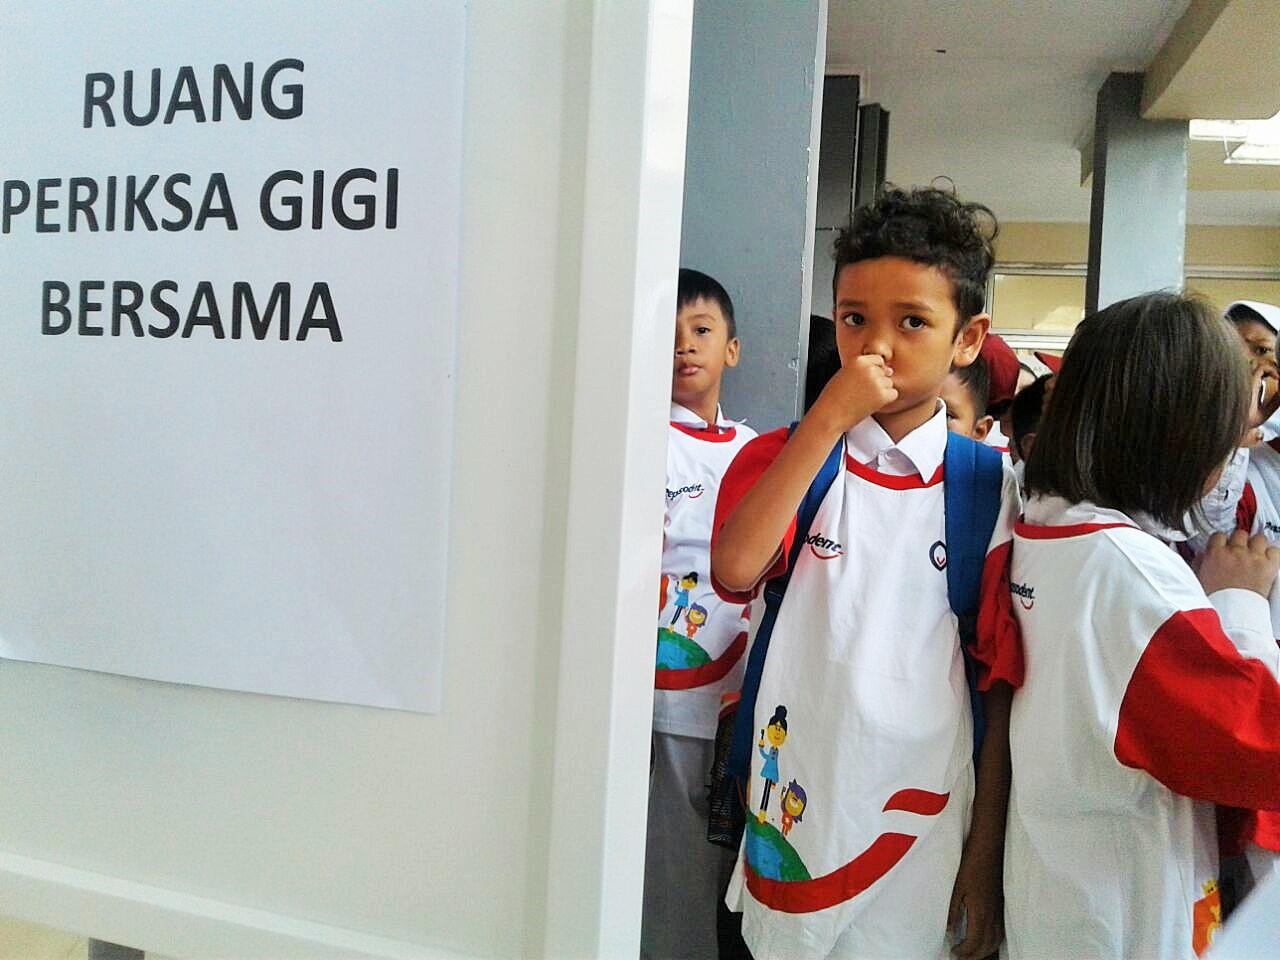 Siswa-siswi menunggu giliran pemeriksaan gigi pada peringatan Hari Gigi dan Mulut Sedunia 2017 di SDN Rawa Buntu 03, Tangerang Selata, Senin (20/3)